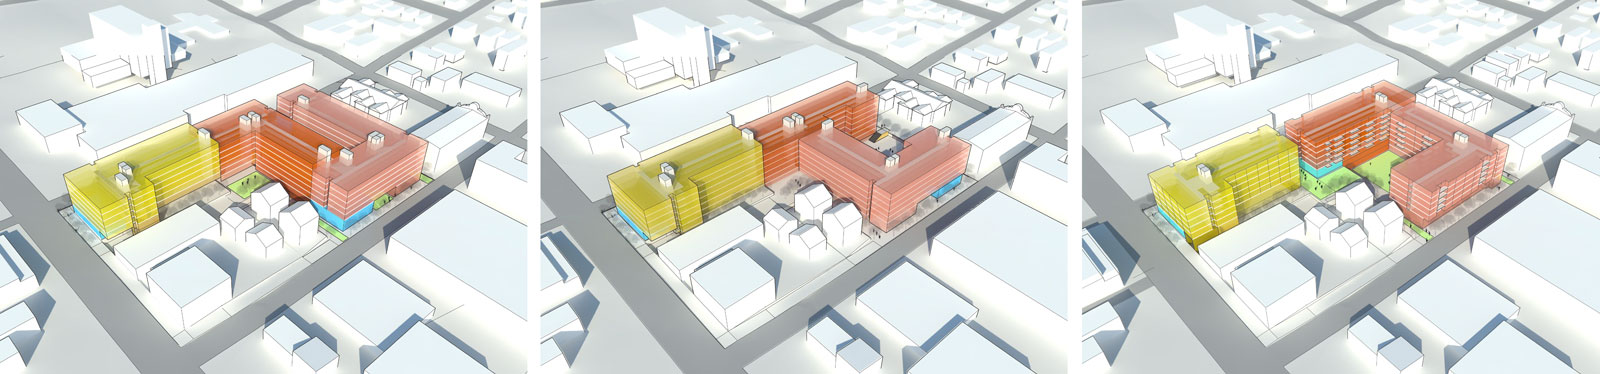 BUILD-LLC-FCS-massing